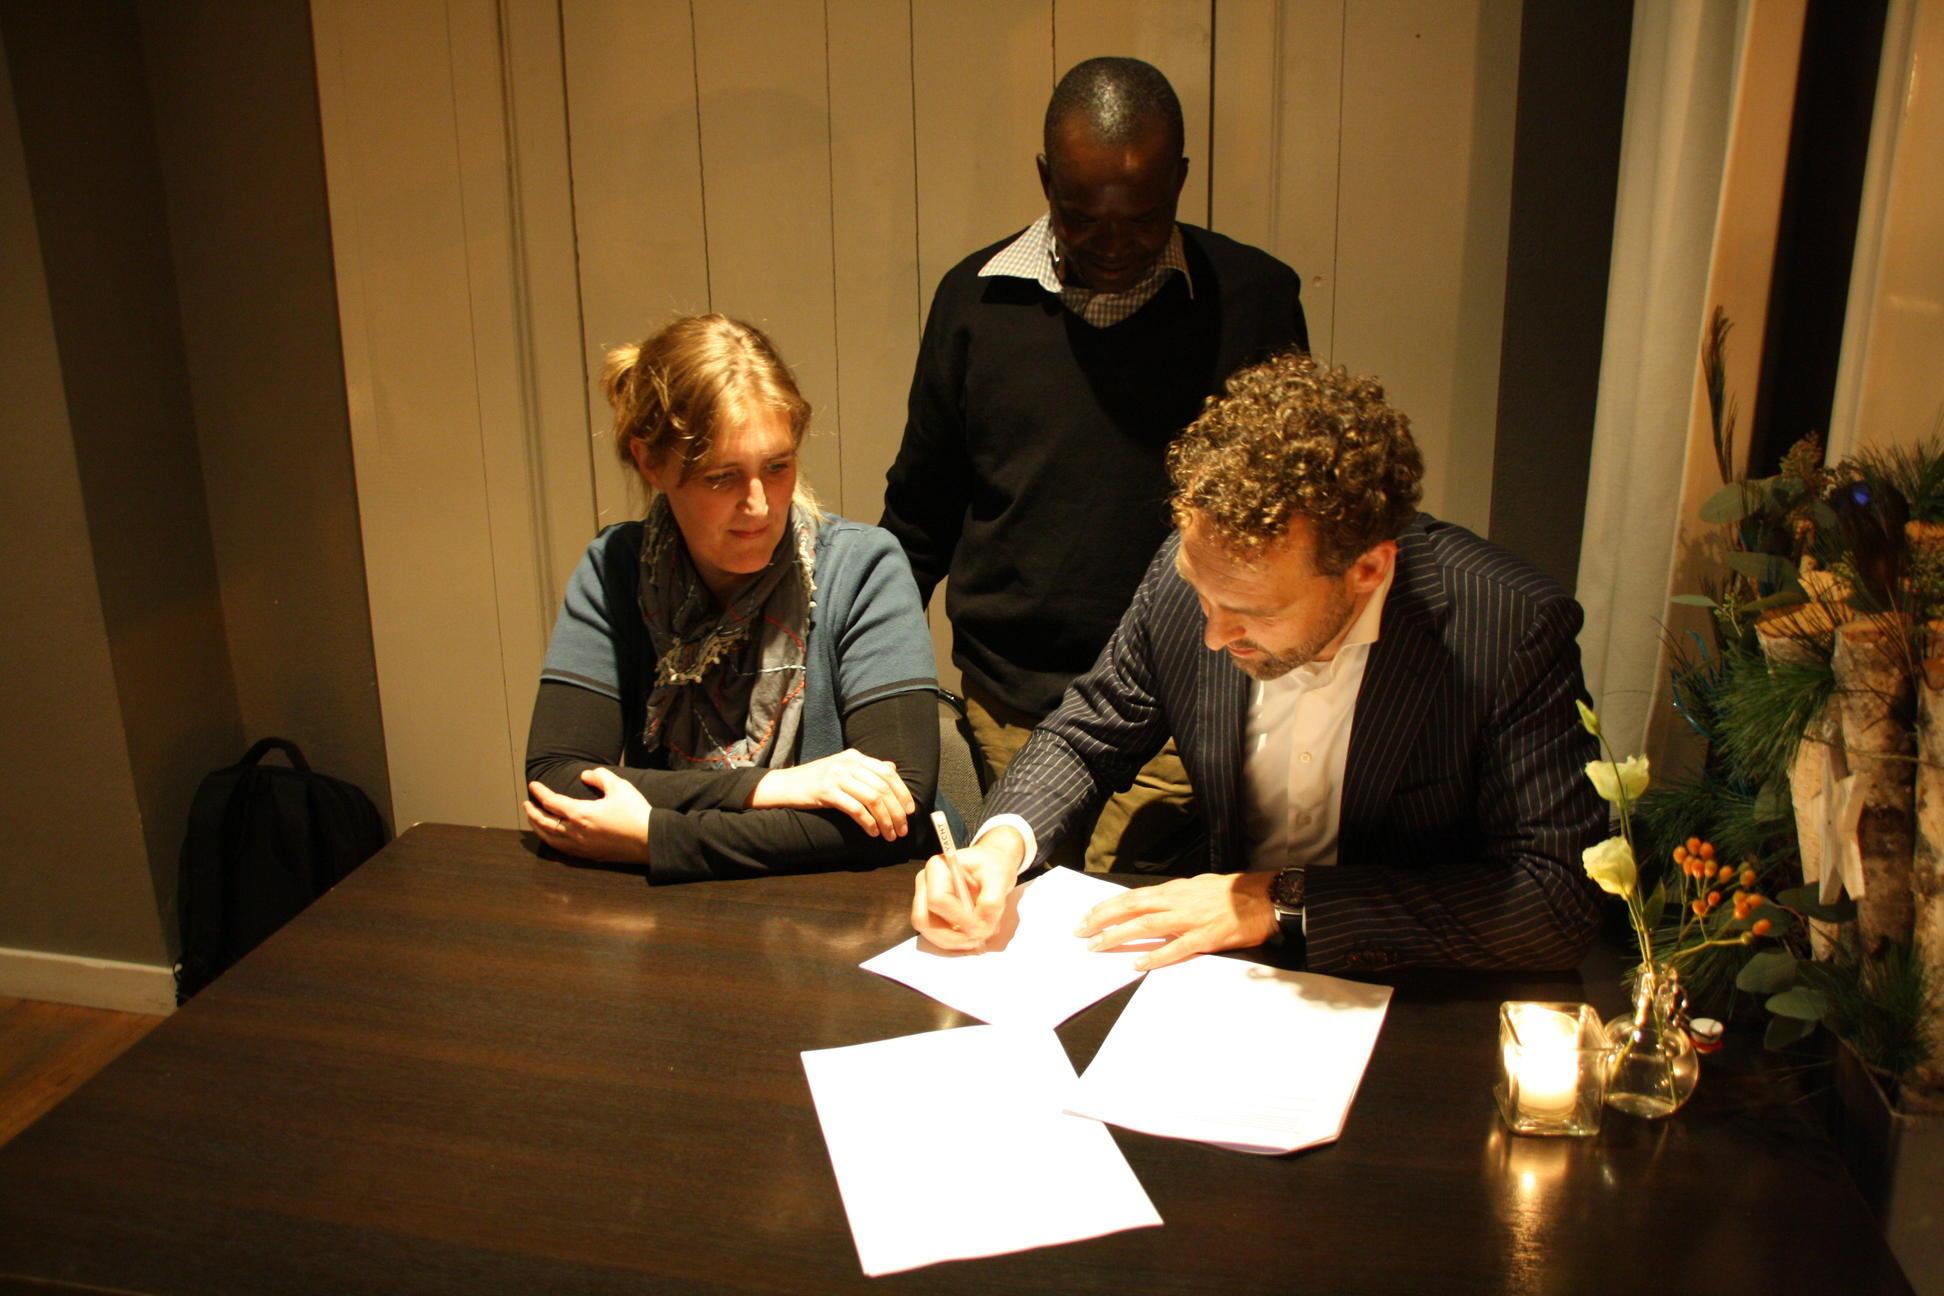 De ondertekening van de overdracht op 30 november, in bijzijn van Justine Ojambo.